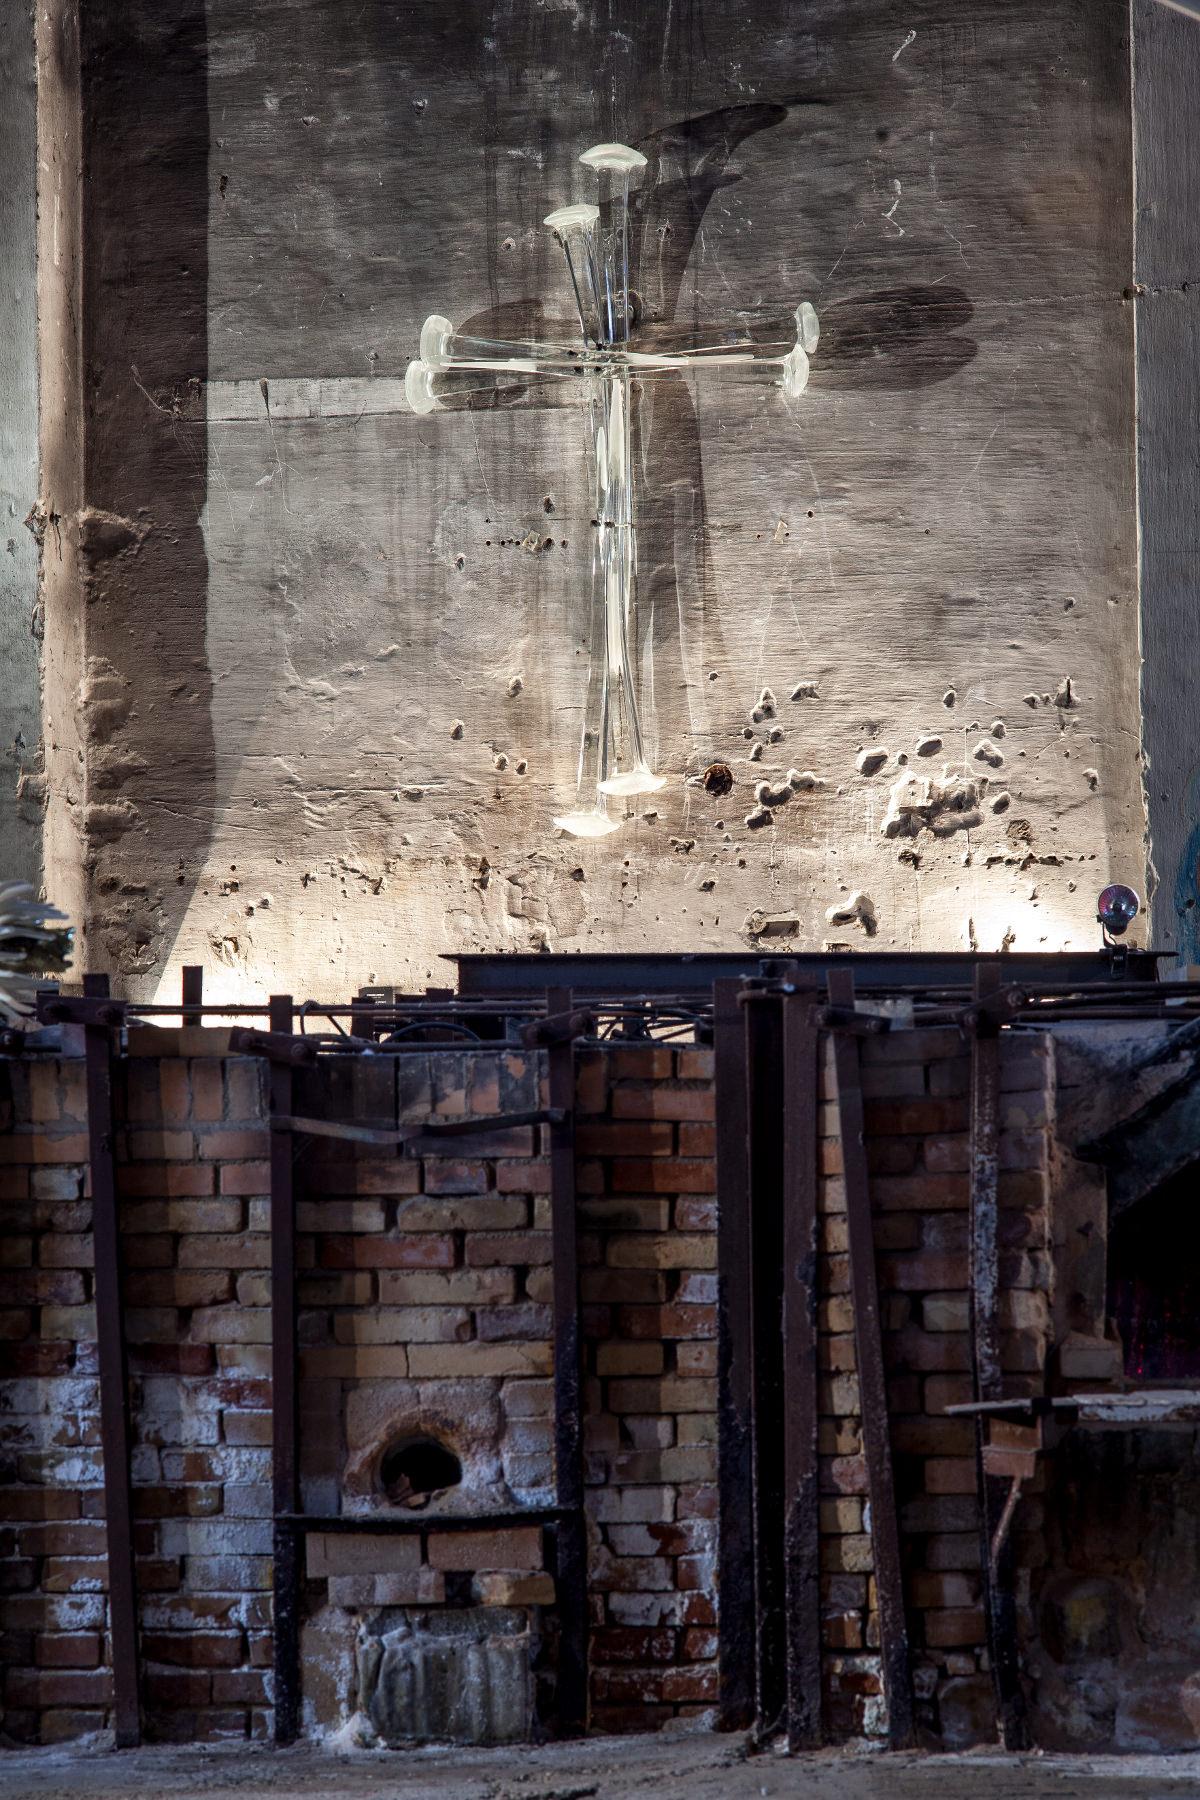 Leonardo Cimolin - Fragility and Strenght of Faith